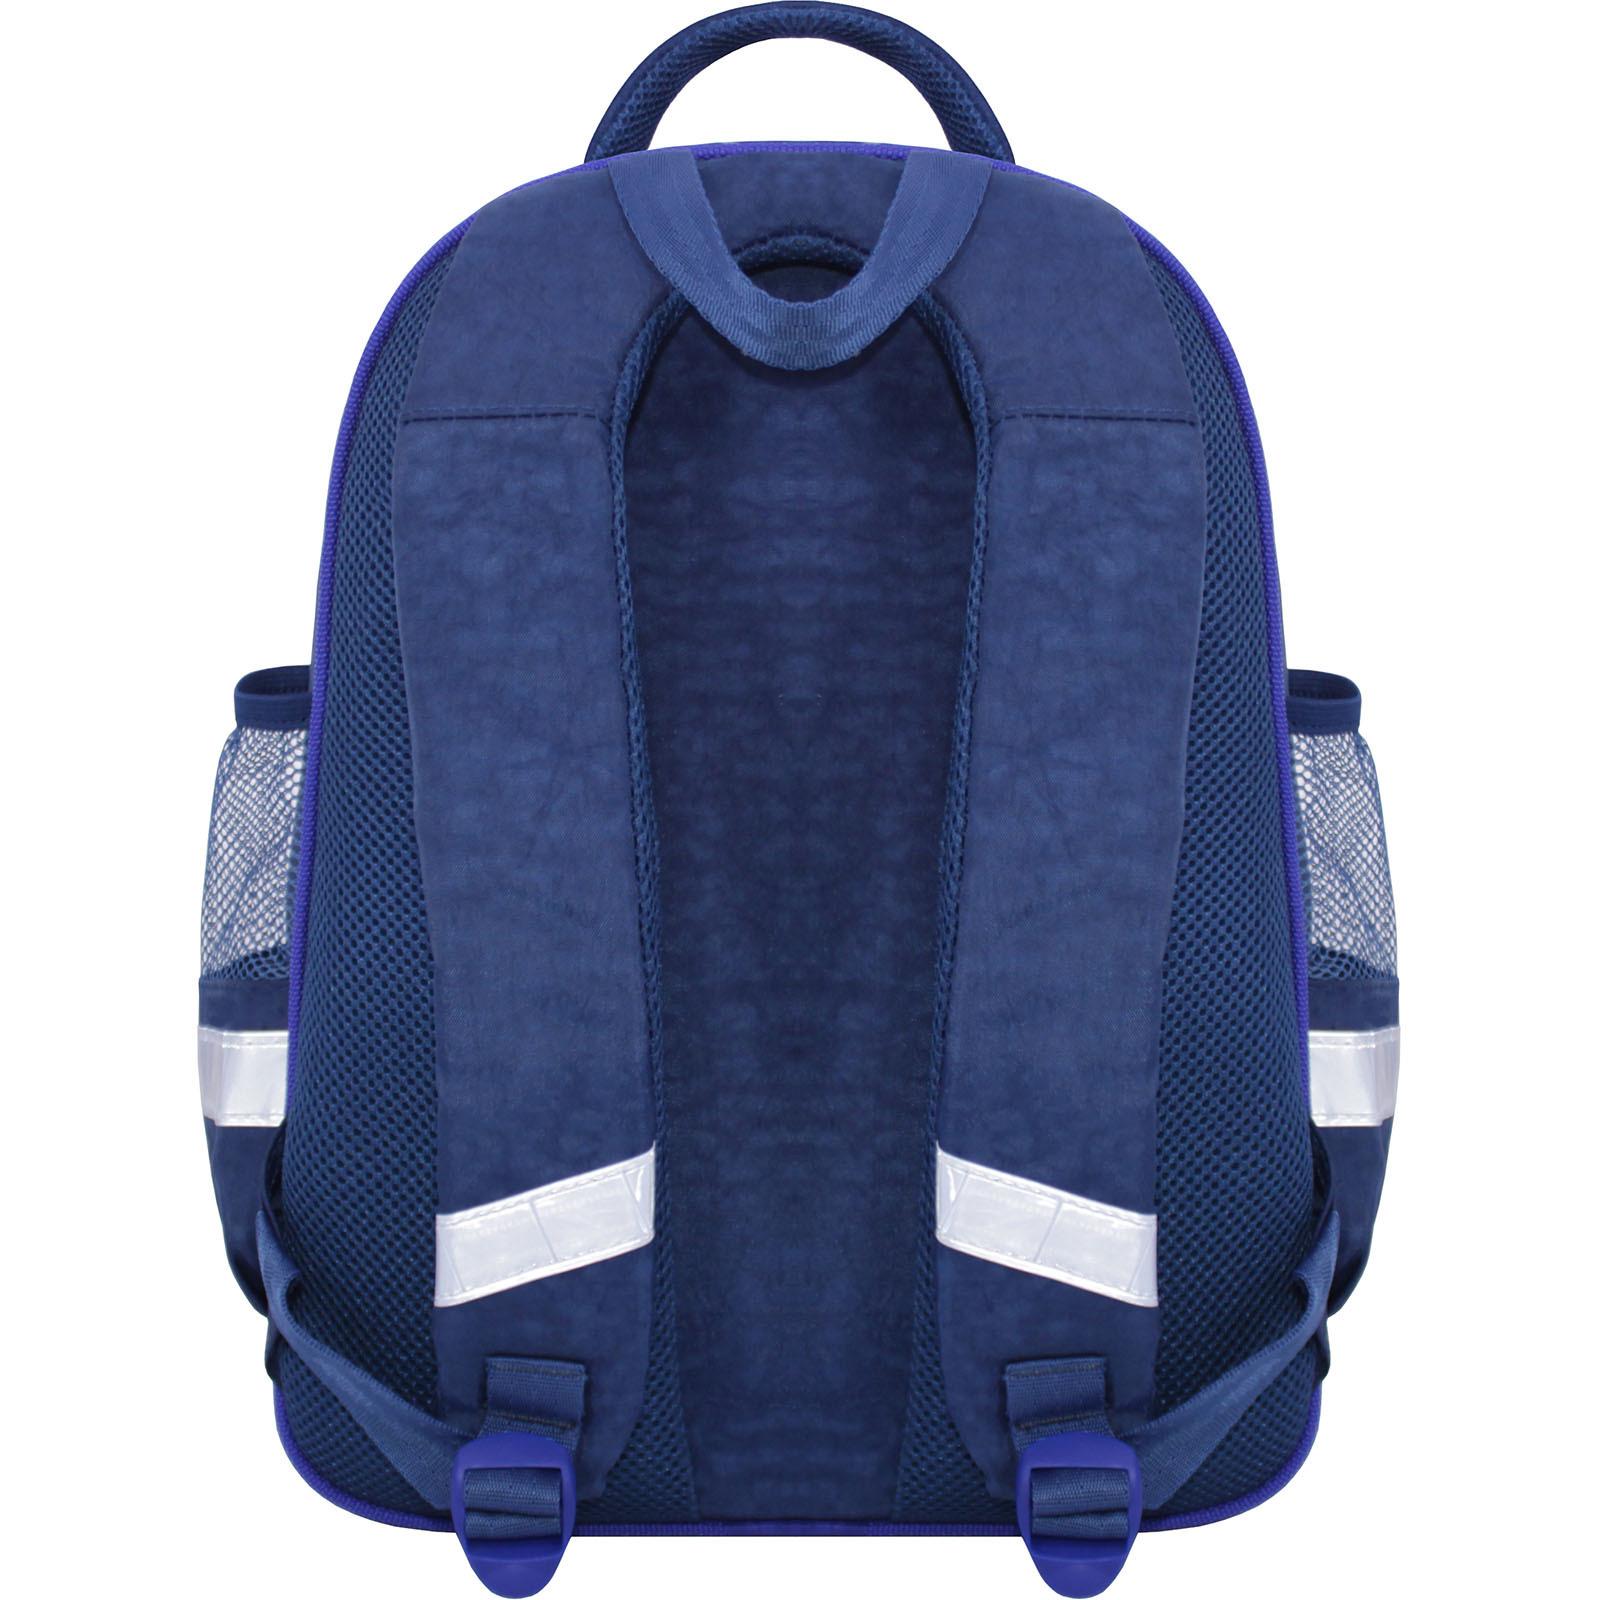 Рюкзак школьный Bagland Mouse 225 синий 551 (0051370) фото 3